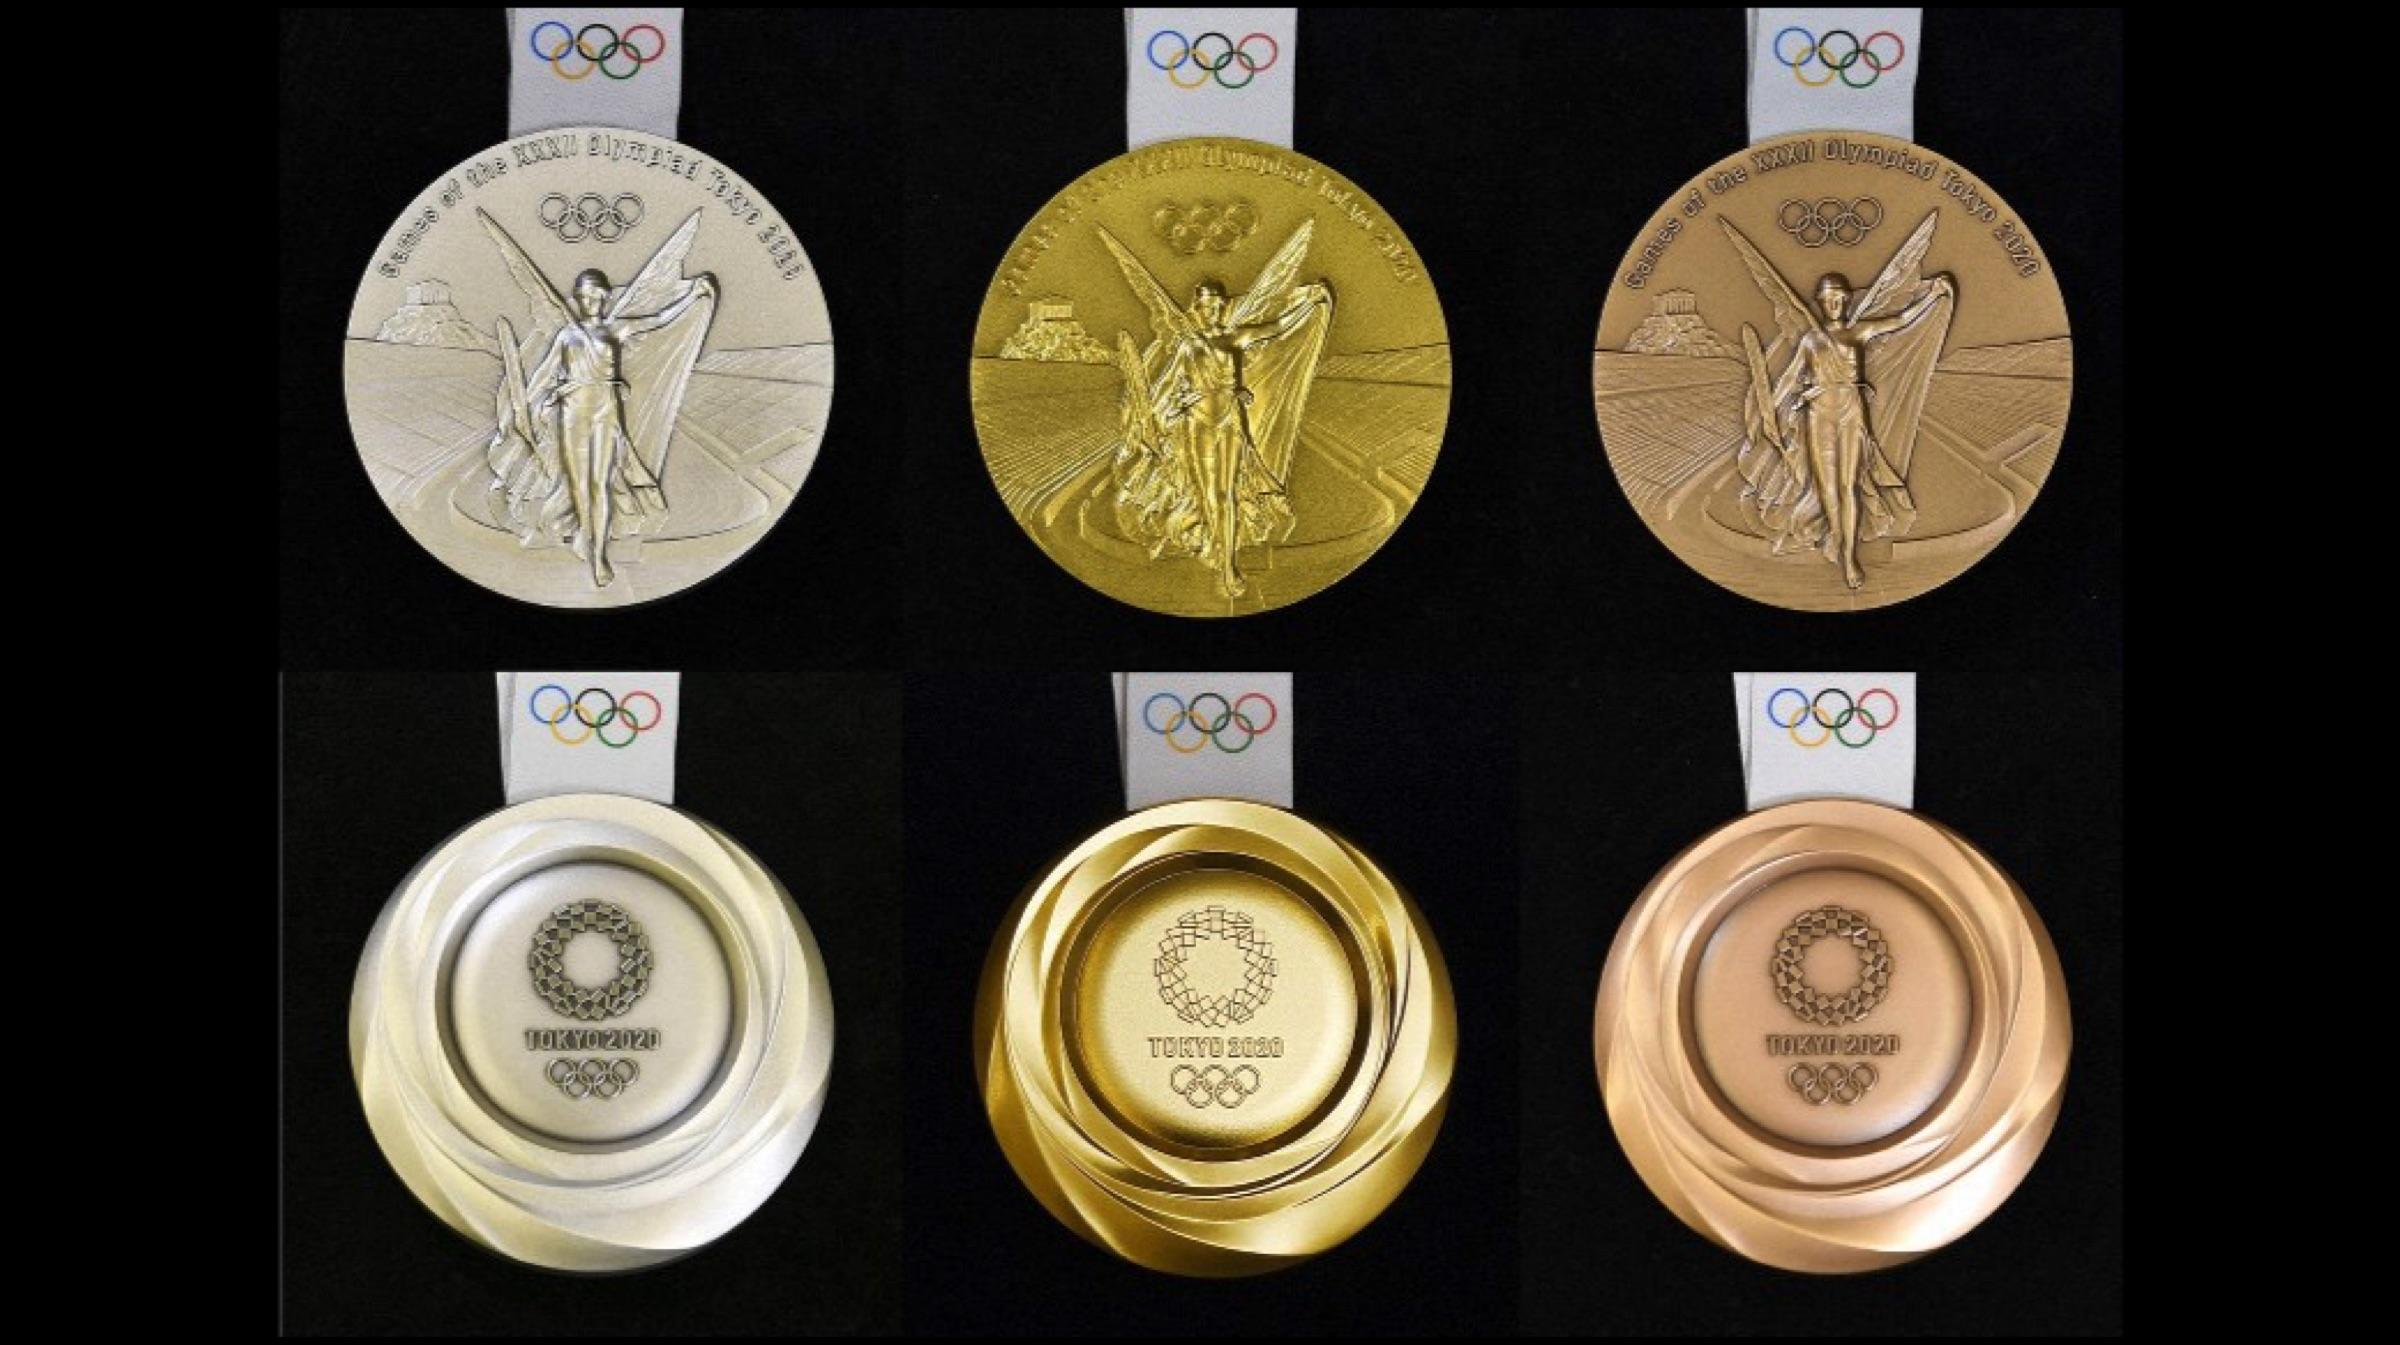 Die Medaillen für die Olympischen Spiele 2020 werden aus Gold hergestellt, das von alten Smartphones recycelt wird 1